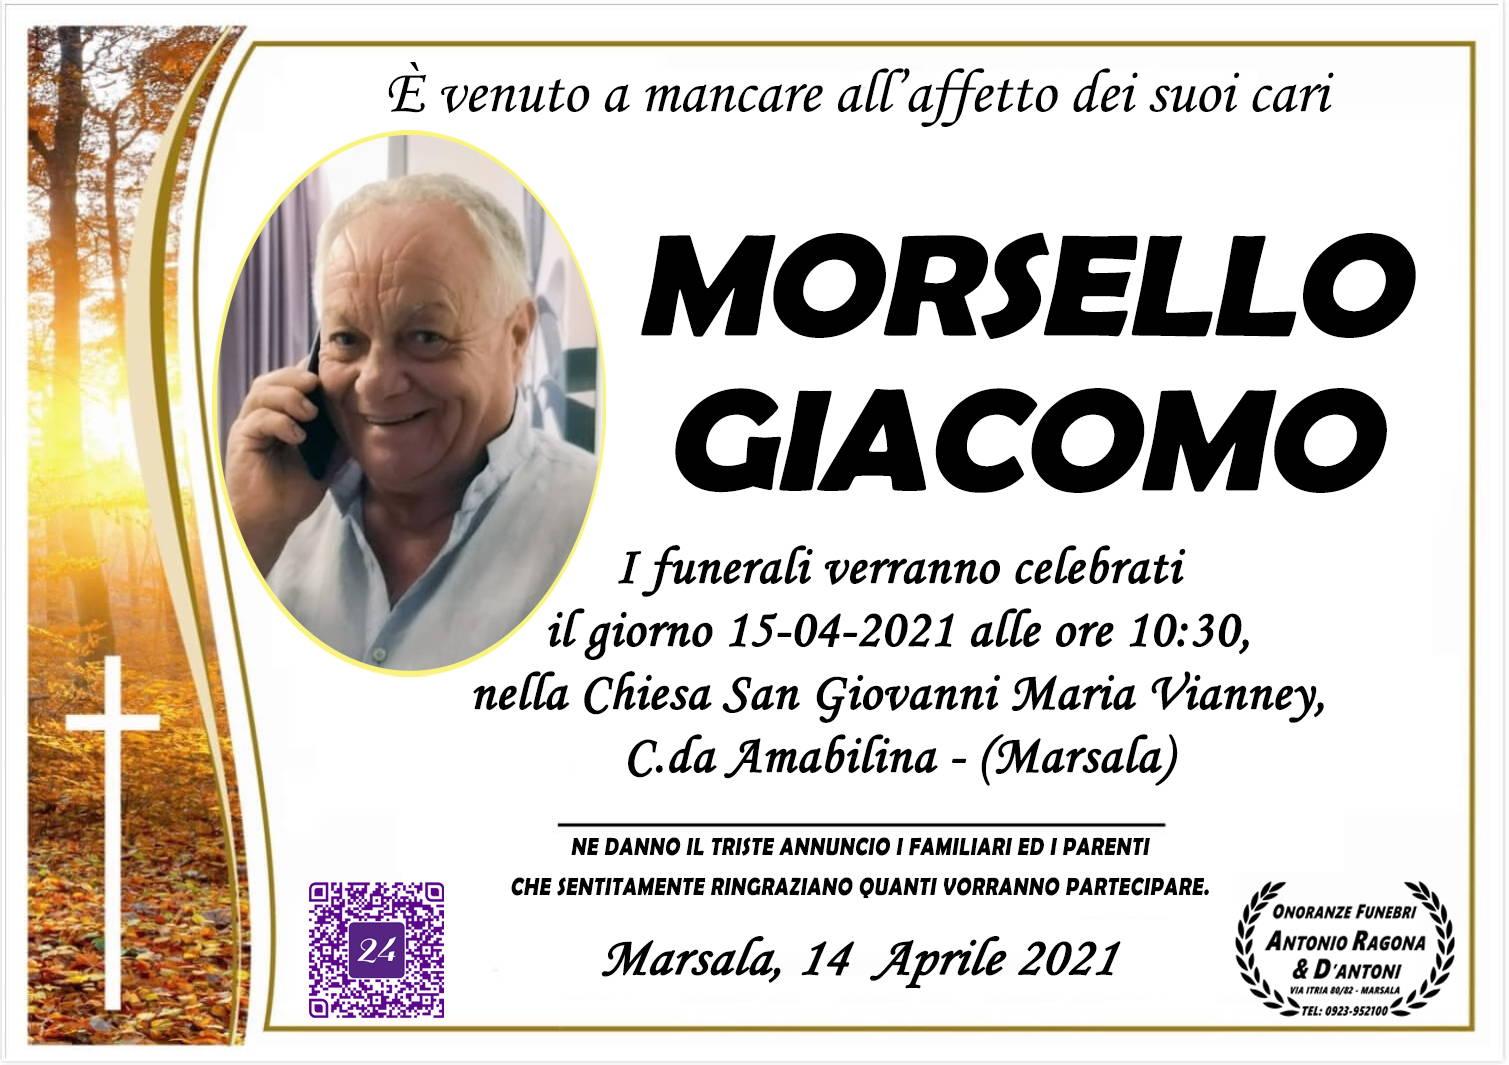 Giacomo Morsello